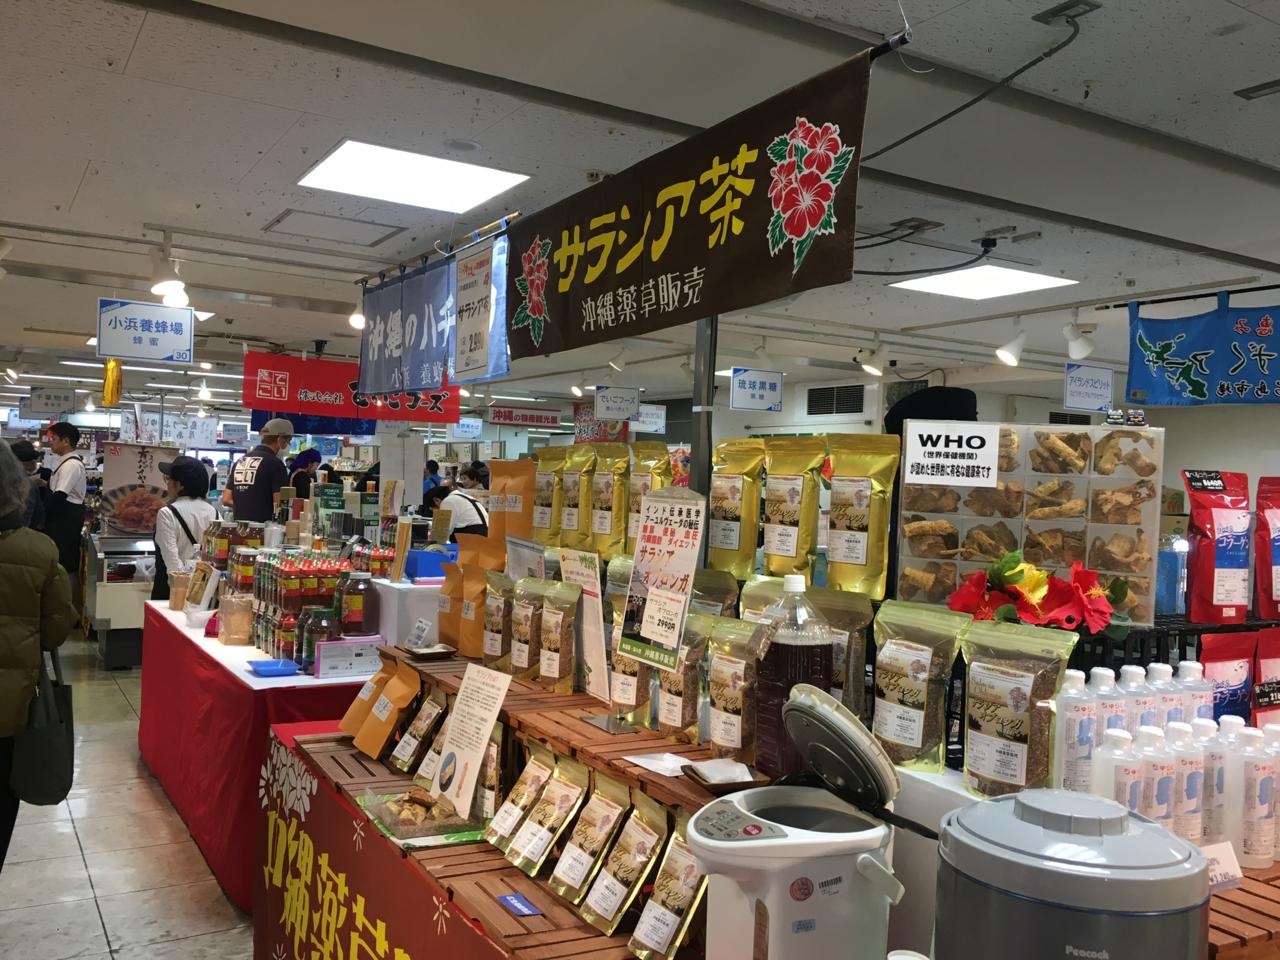 沖縄物産観光展のお店の様子